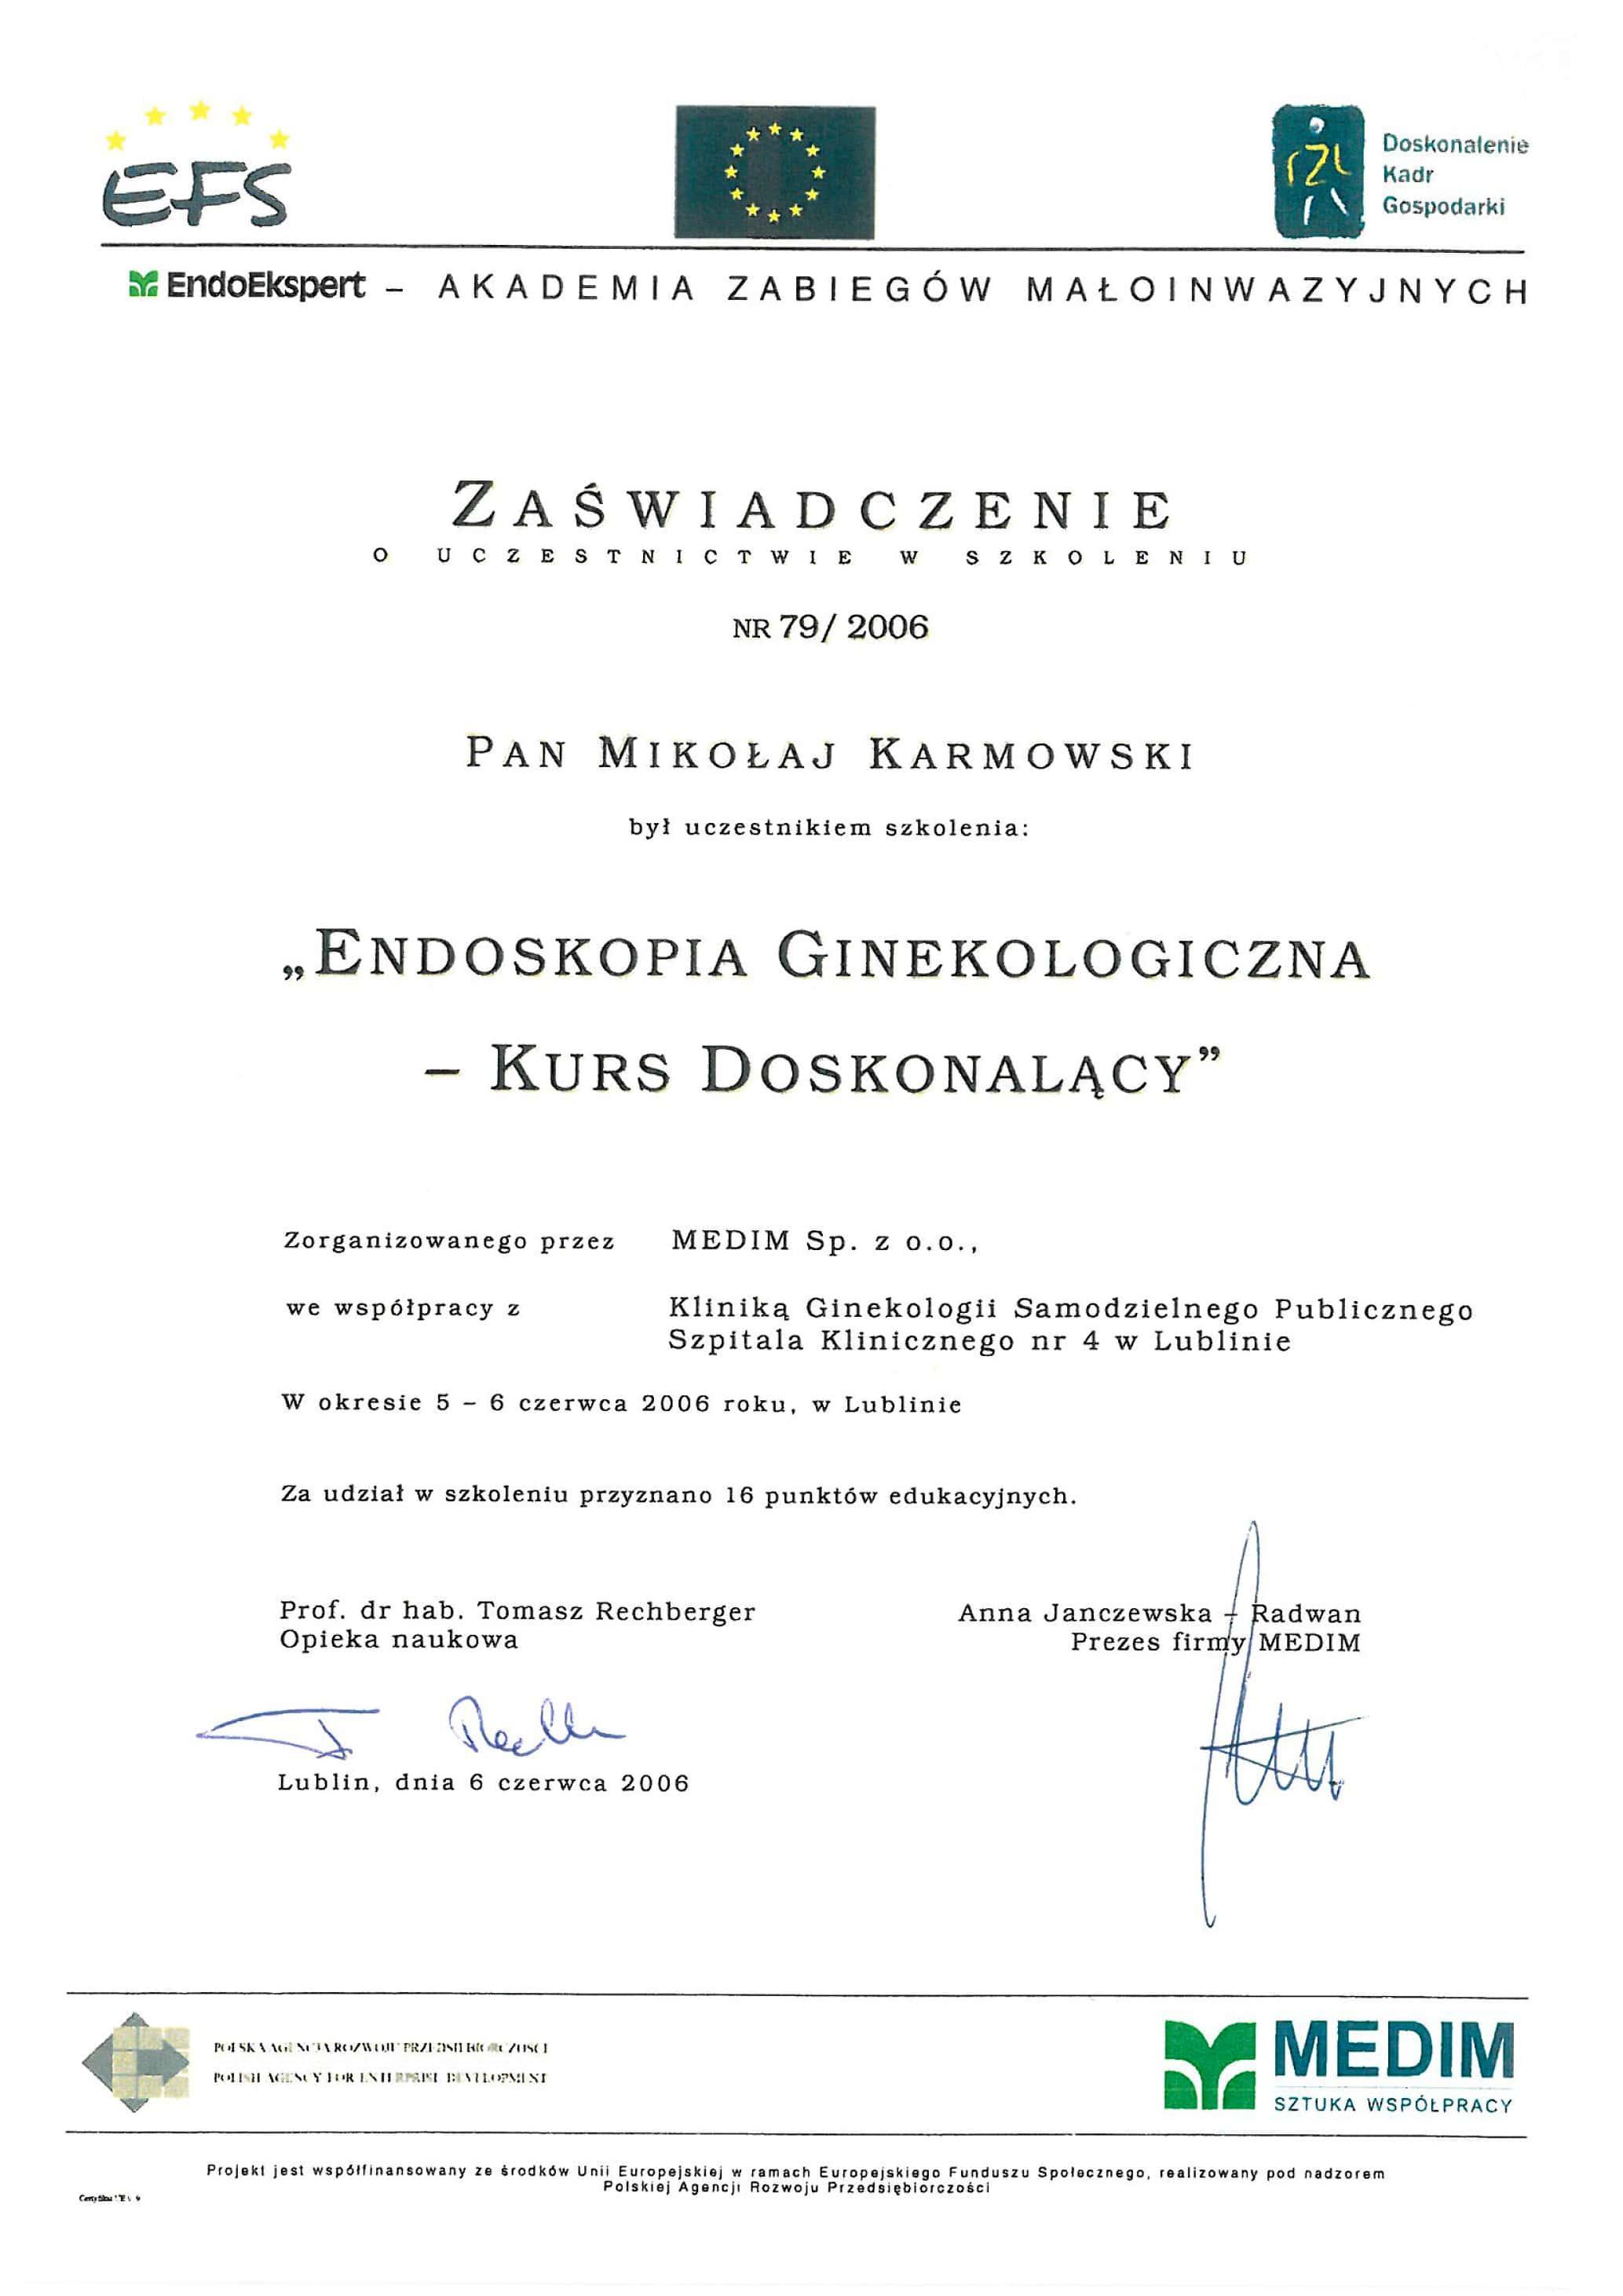 Mikołaj Karmowski certyfikat endoskopia ginekologiczna kurs doskonalący